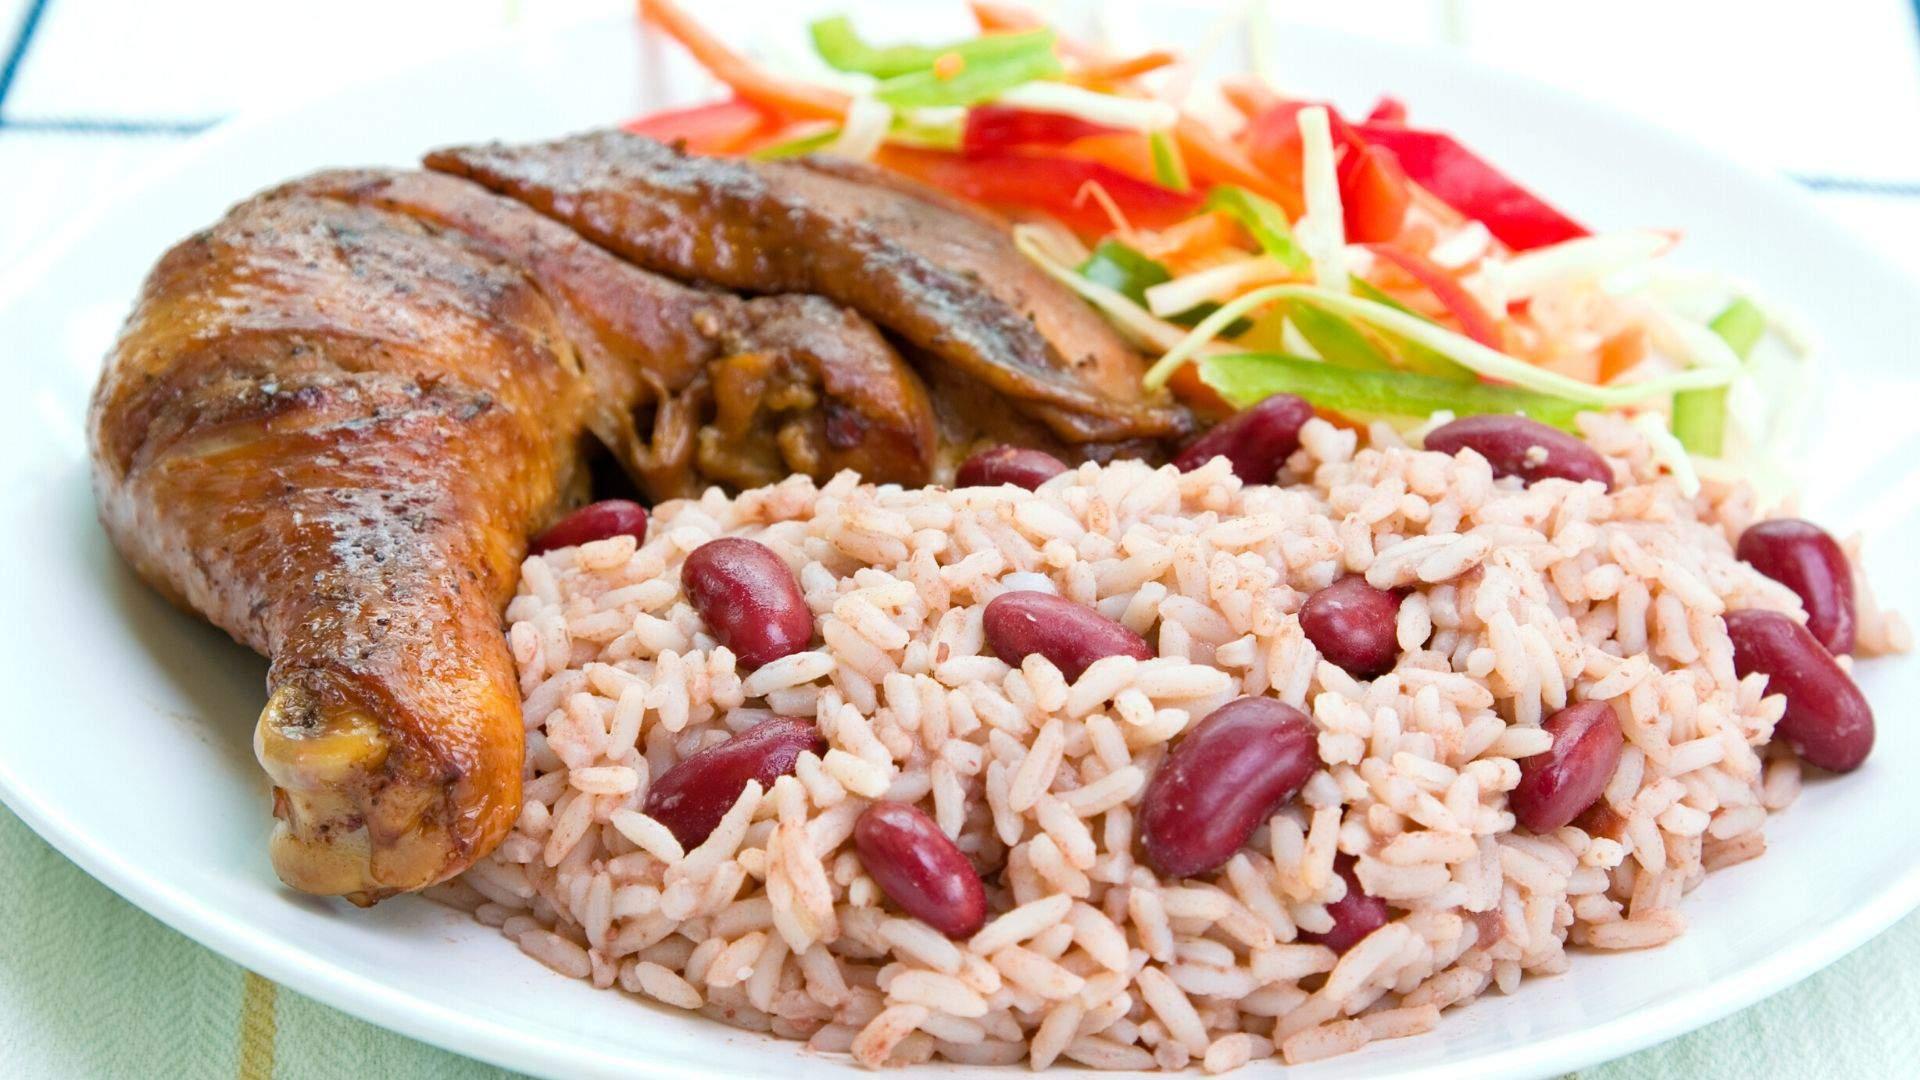 Tradicinis Jamaikos valgis - ant grotelių kepta vištiena su jerk padažu